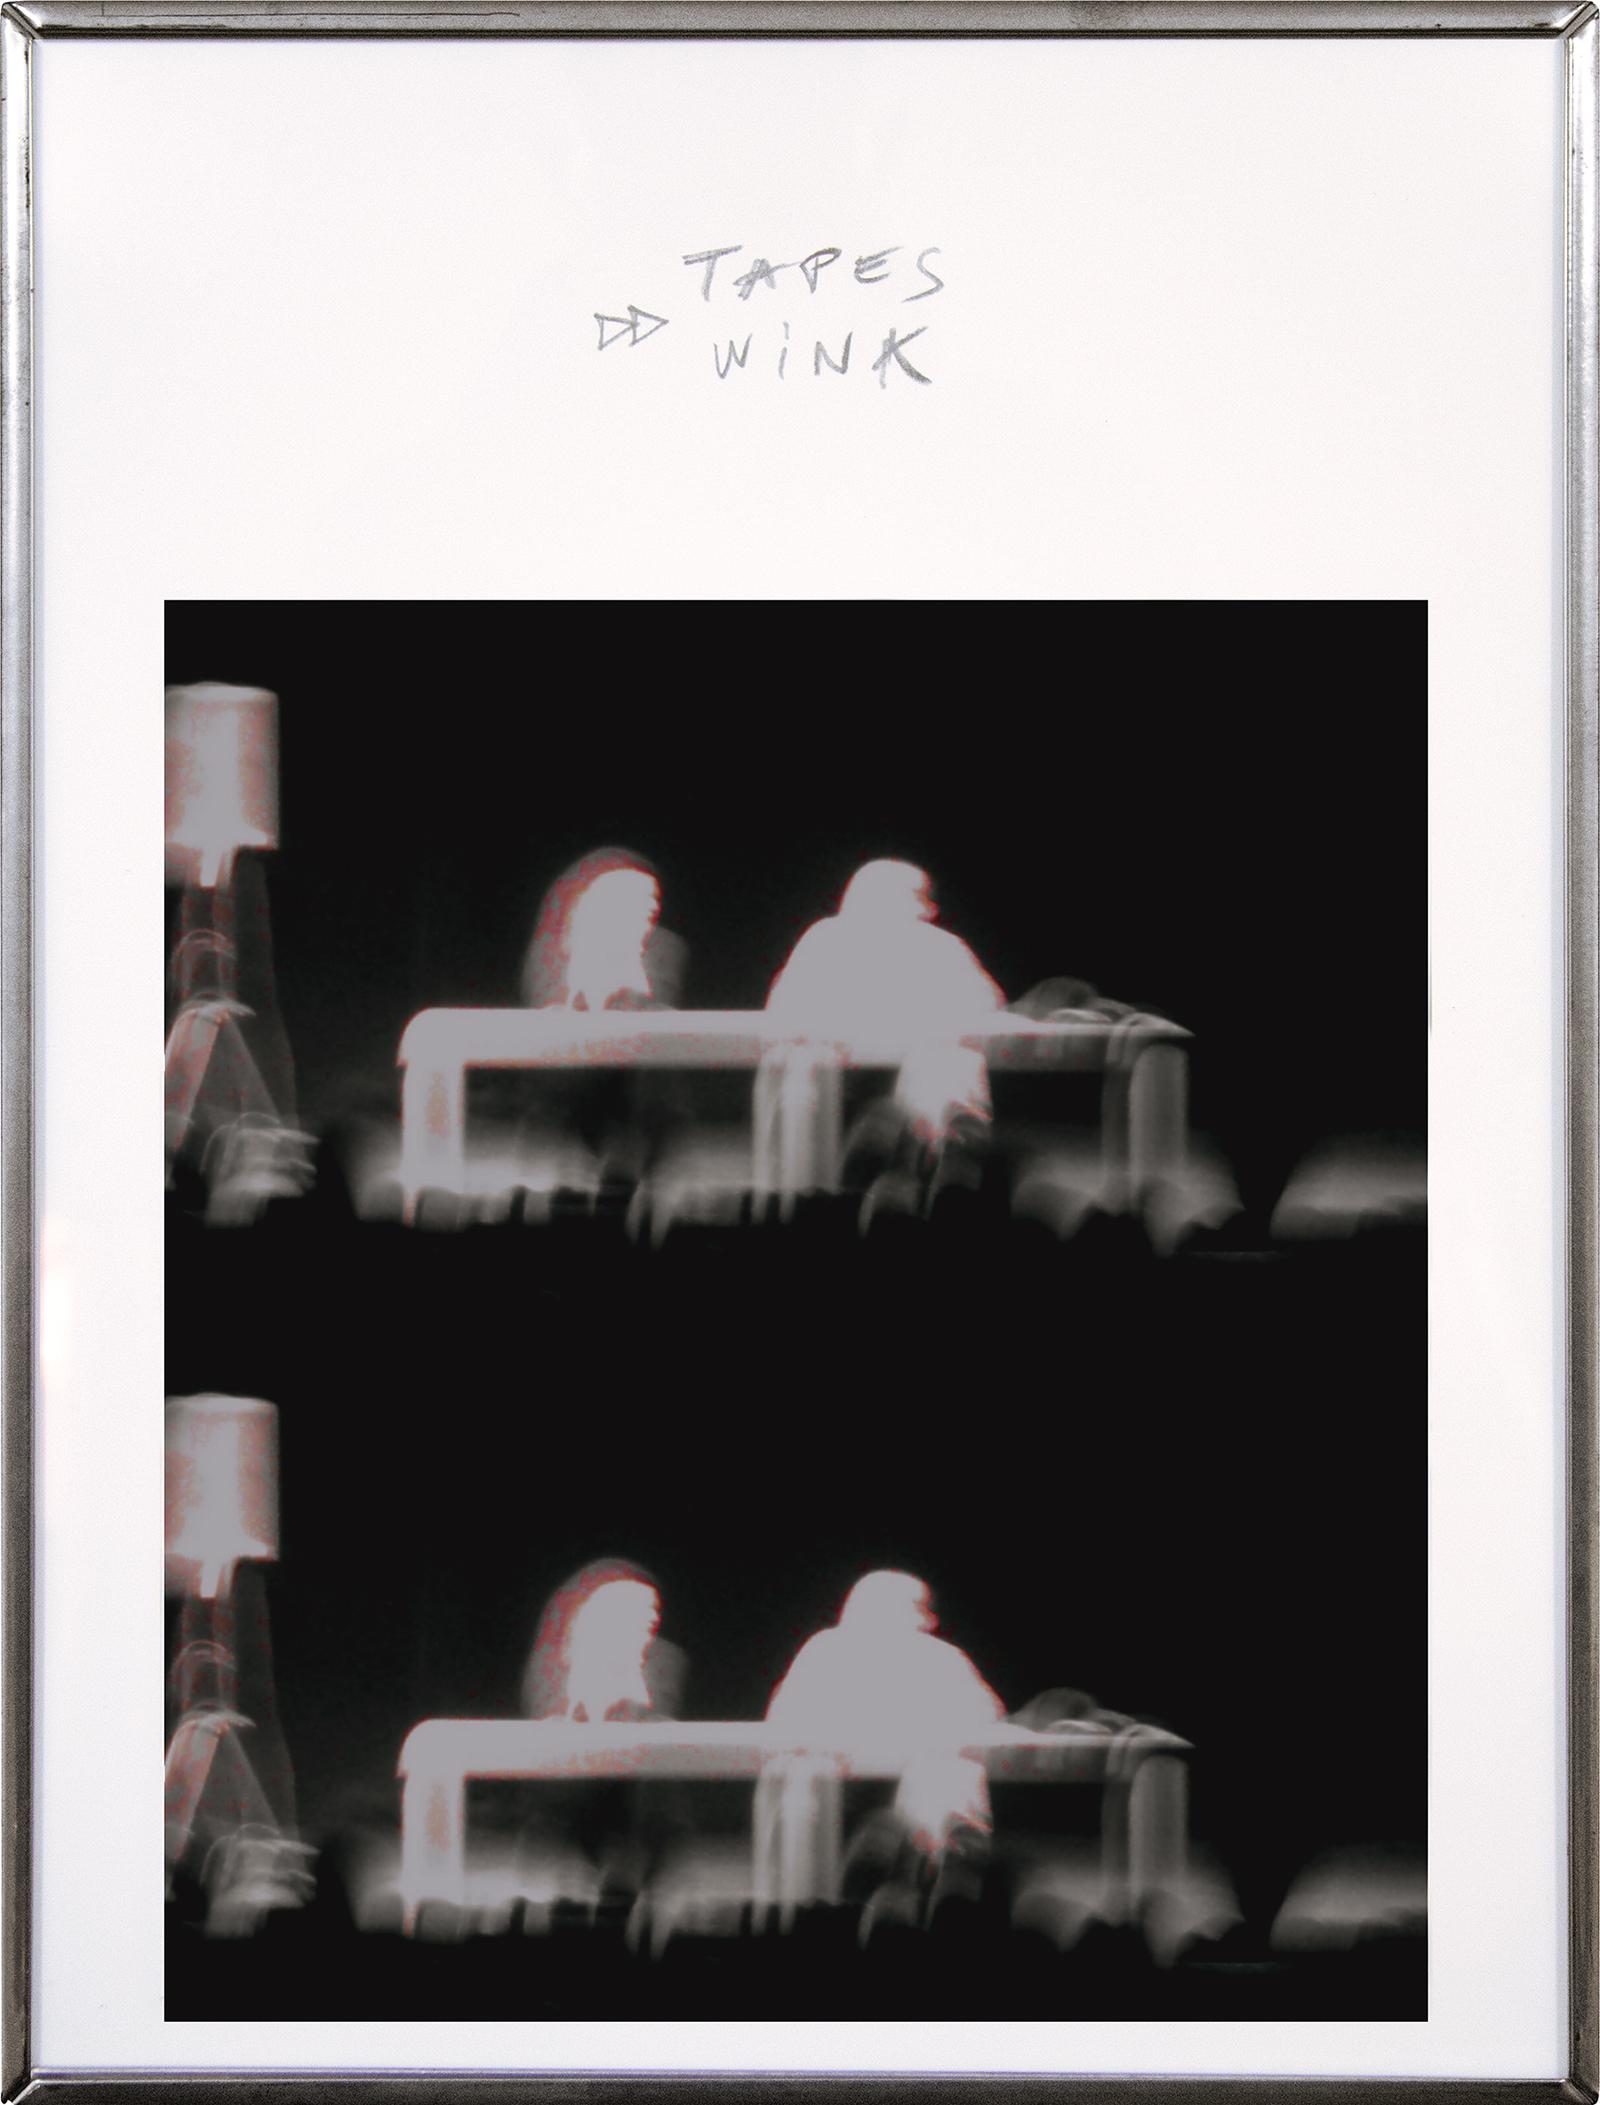 Marcel_Bataillard-serie_Twin_Pics-TapesWink-web